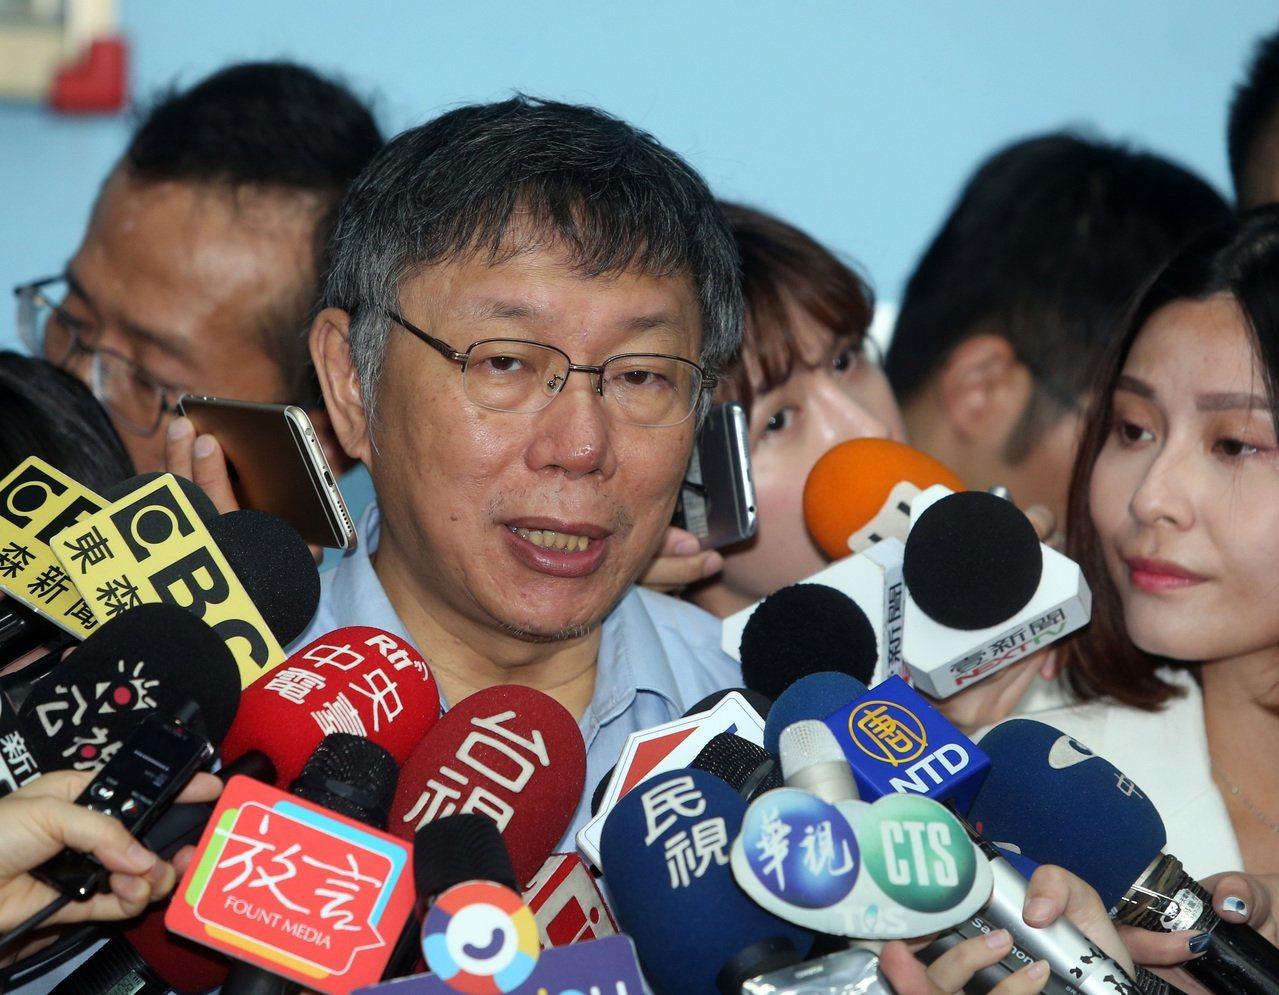 台北市長柯文哲日前說若郭台銘不選,可能會去問親民黨要不要提名他;昨天柯態度轉趨保...